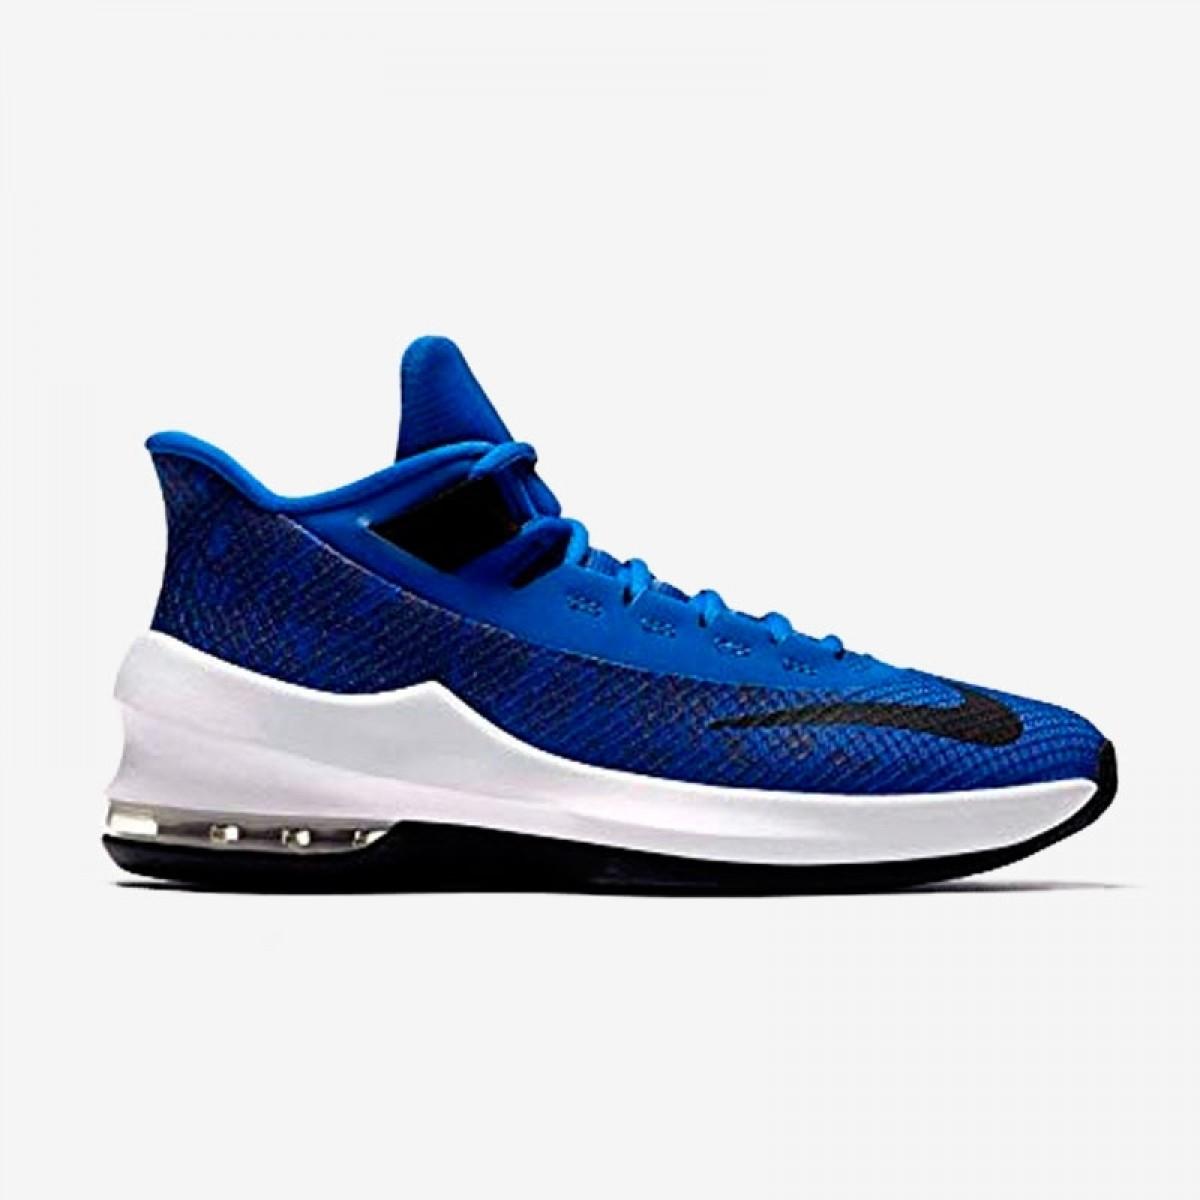 Nike Air Max Infuriate II 'Royal'